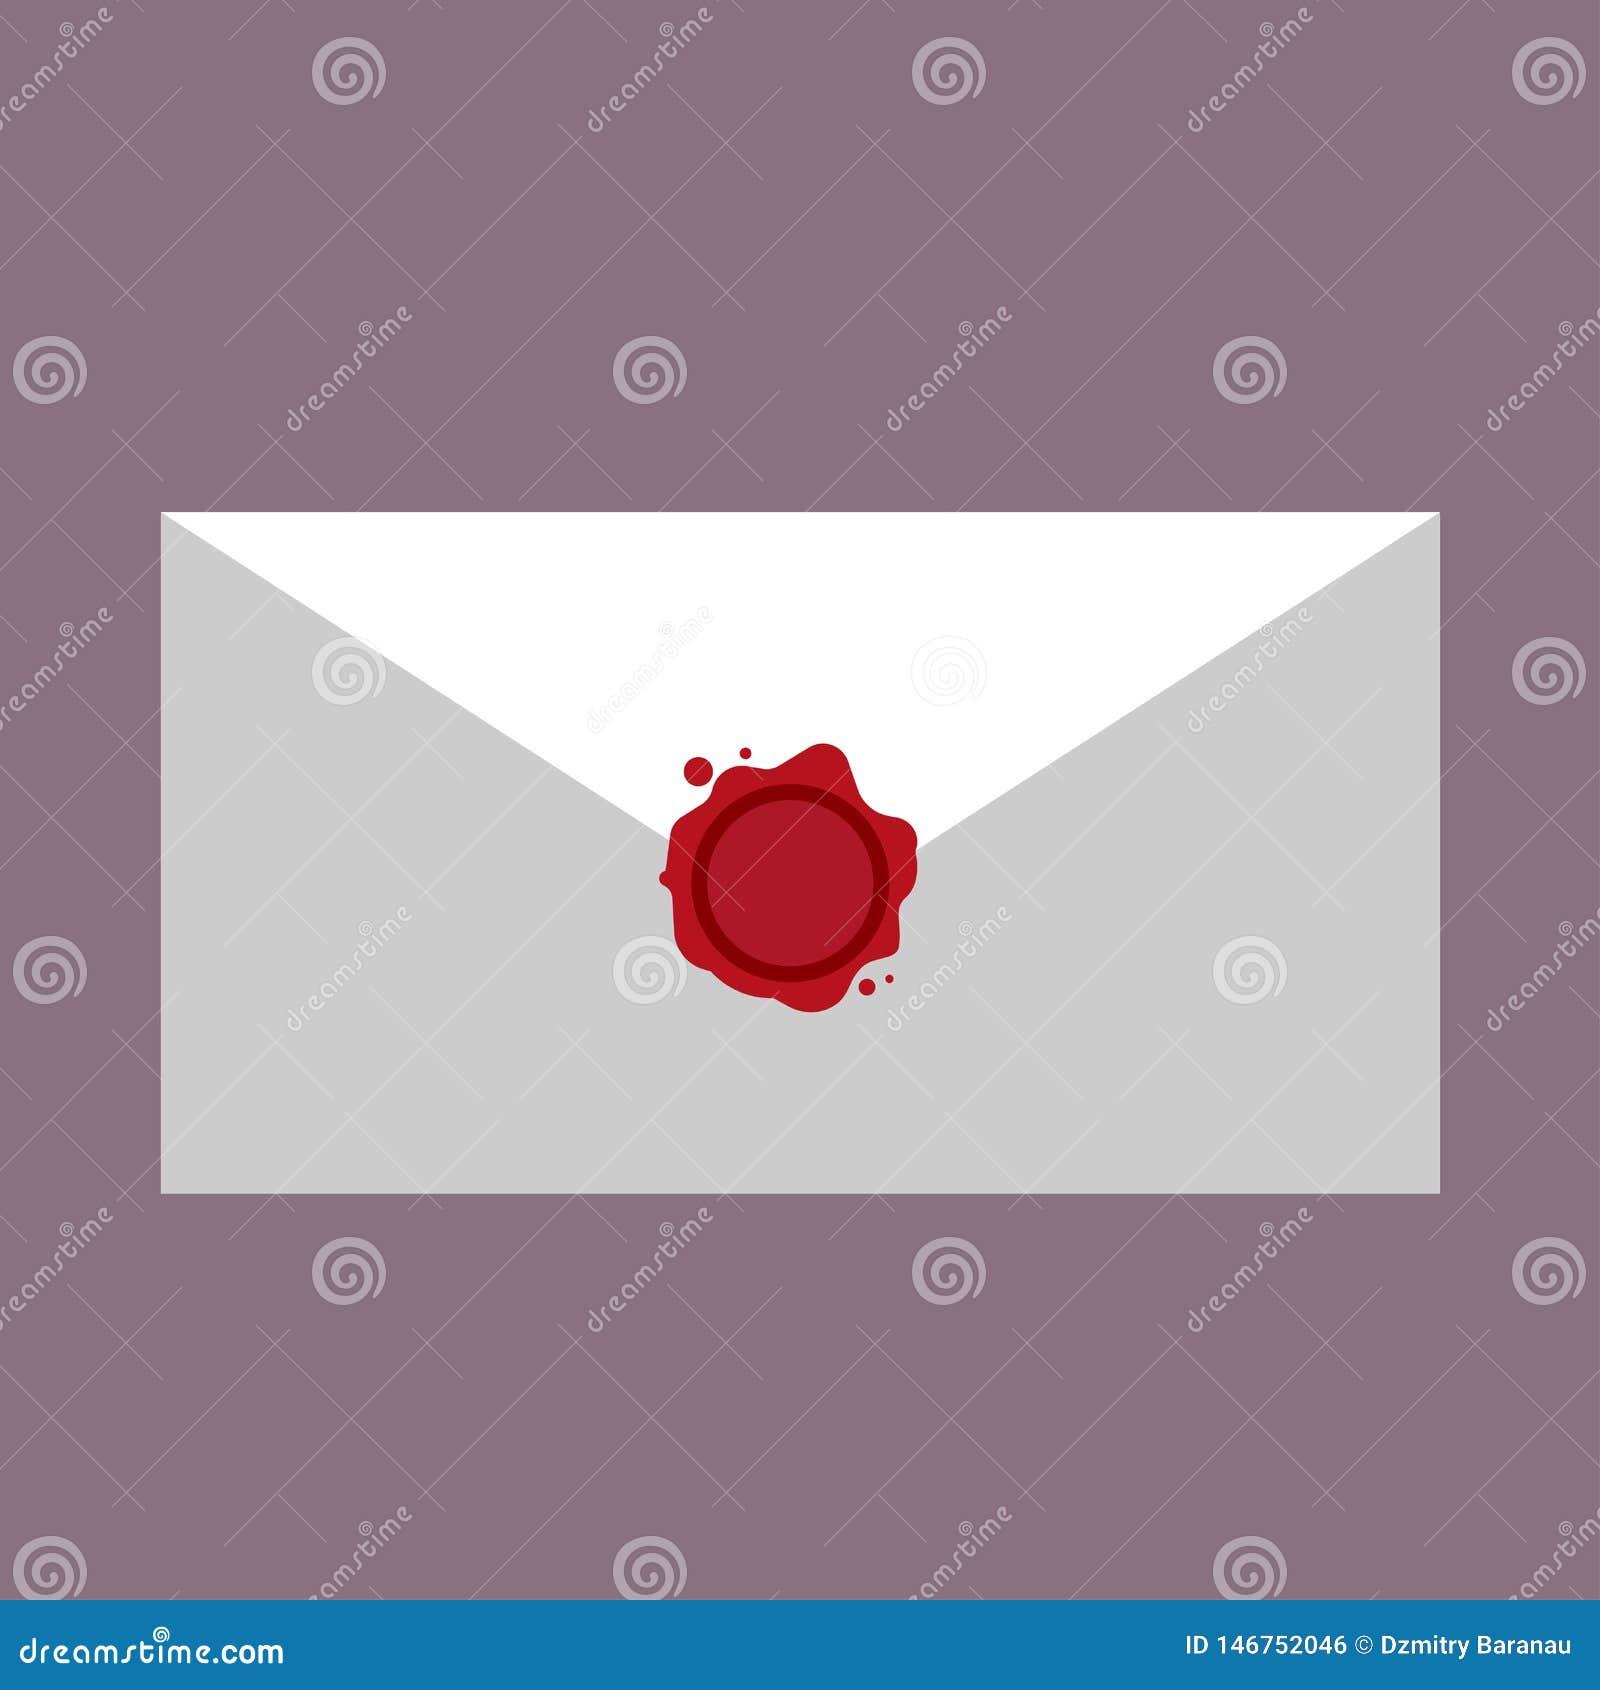 Wosku listowego symbolu stemplowej korespondencji foki pusta czerwień Wektorowej ikony wiadomości gwarancji poufna poczta